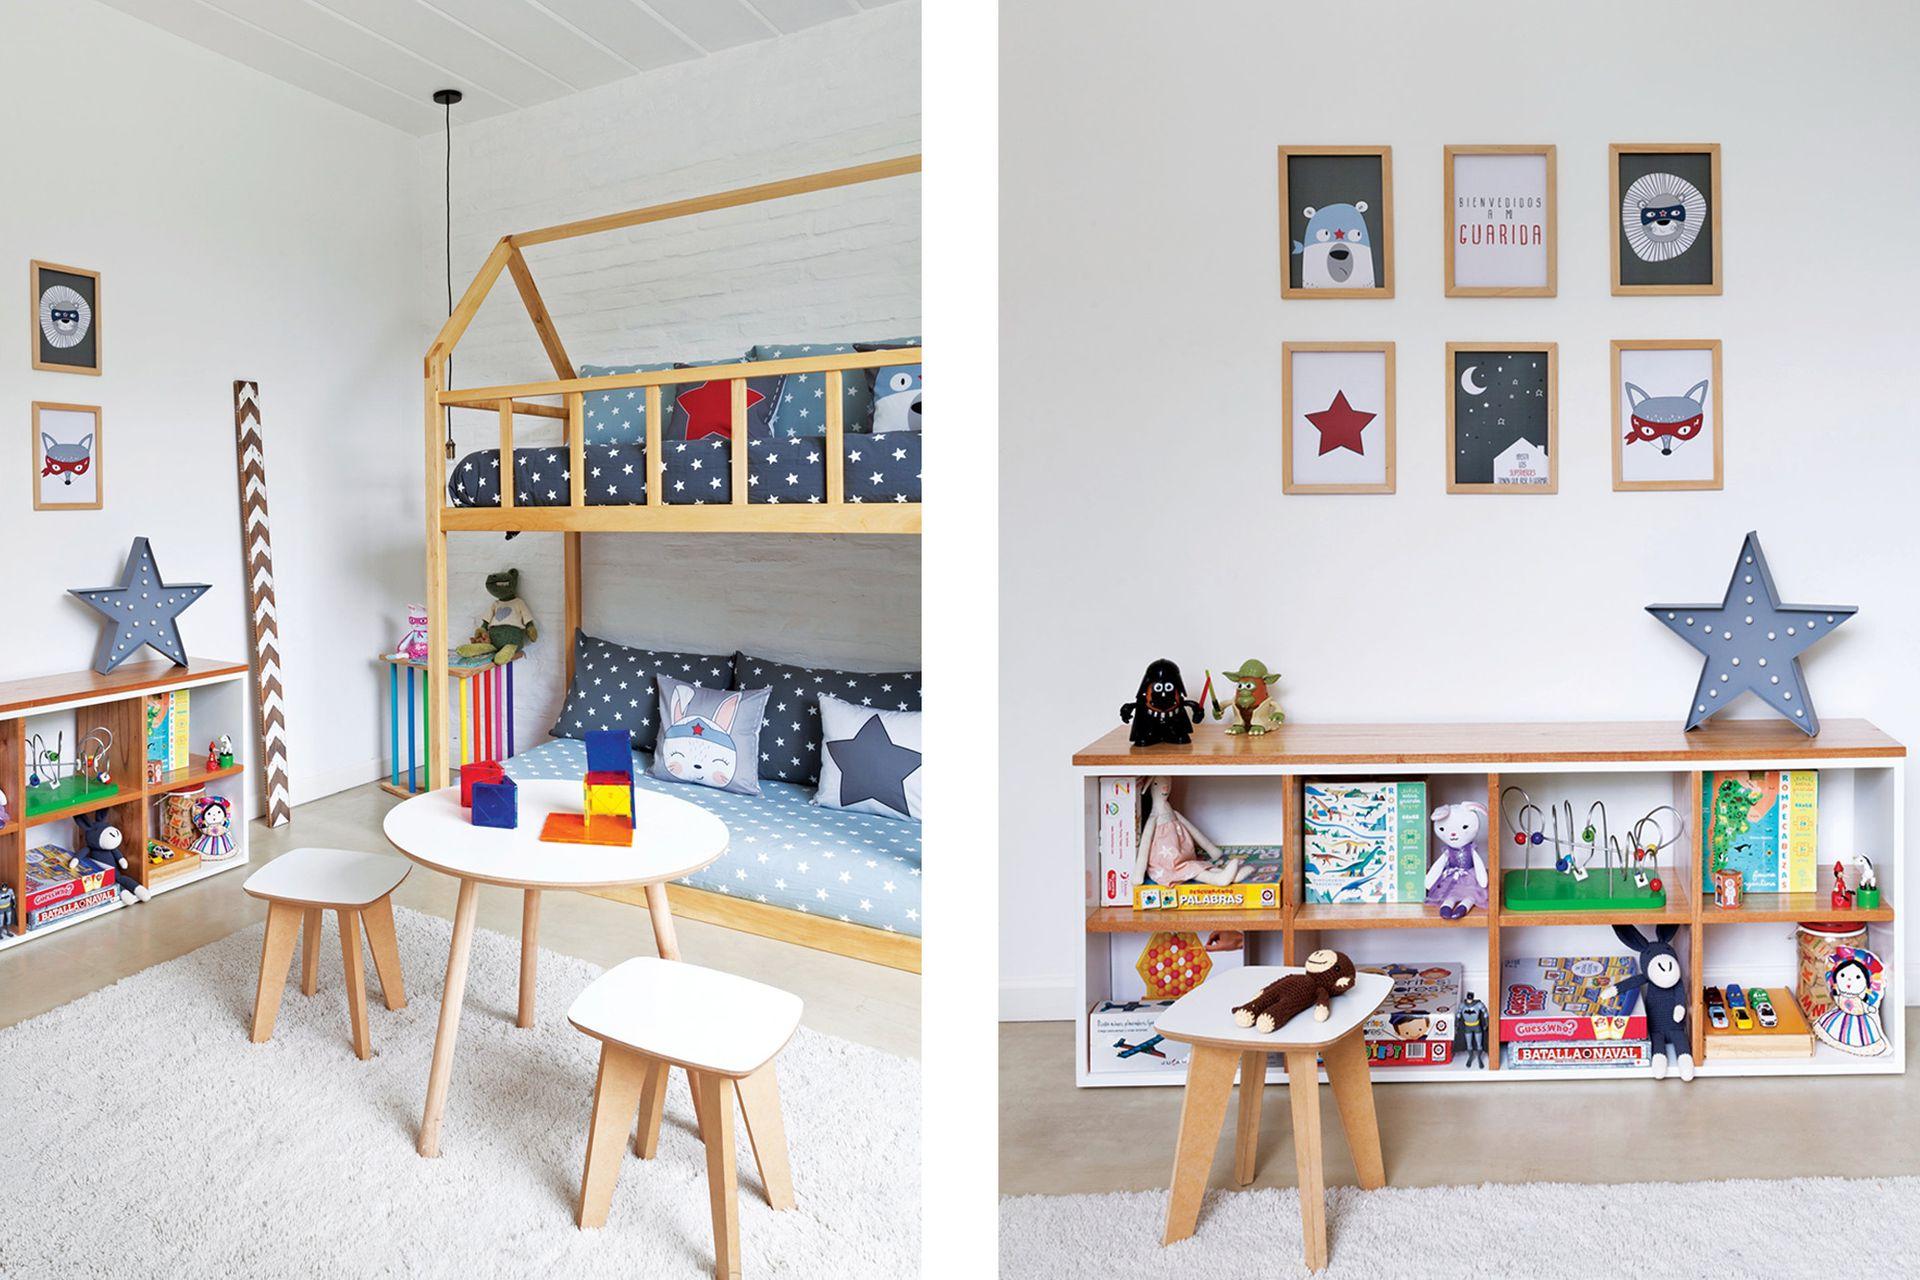 Las camas armadas como diván son lugar de juego a toda hora. Al lado, mueble juguetero realizado en paraíso macizo.